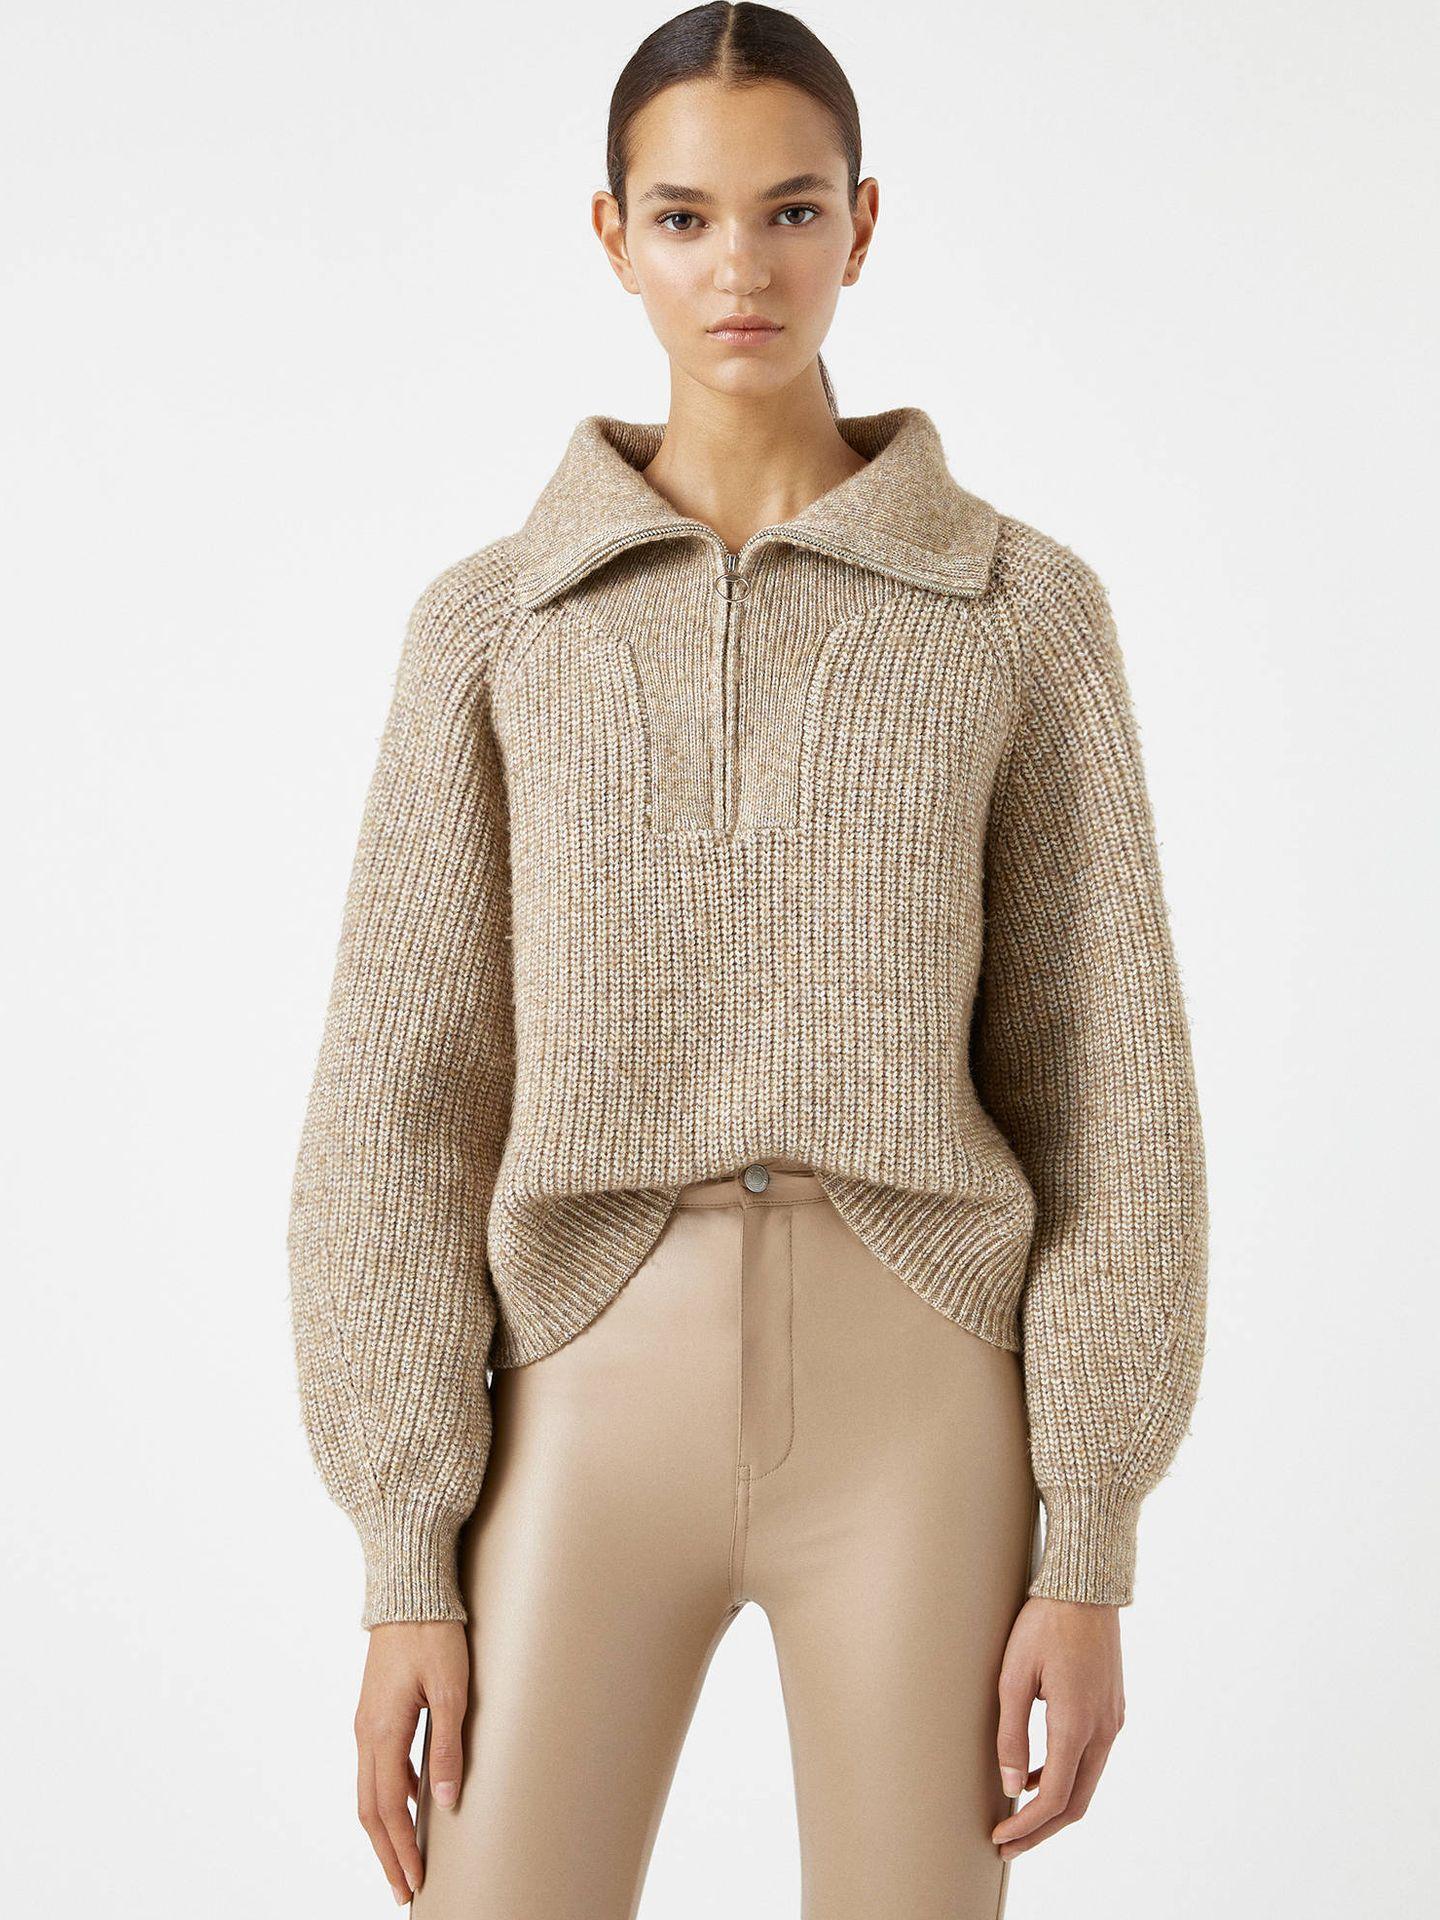 Este jersey de Pull and Bear nunca pasa de moda. (Cortesía)